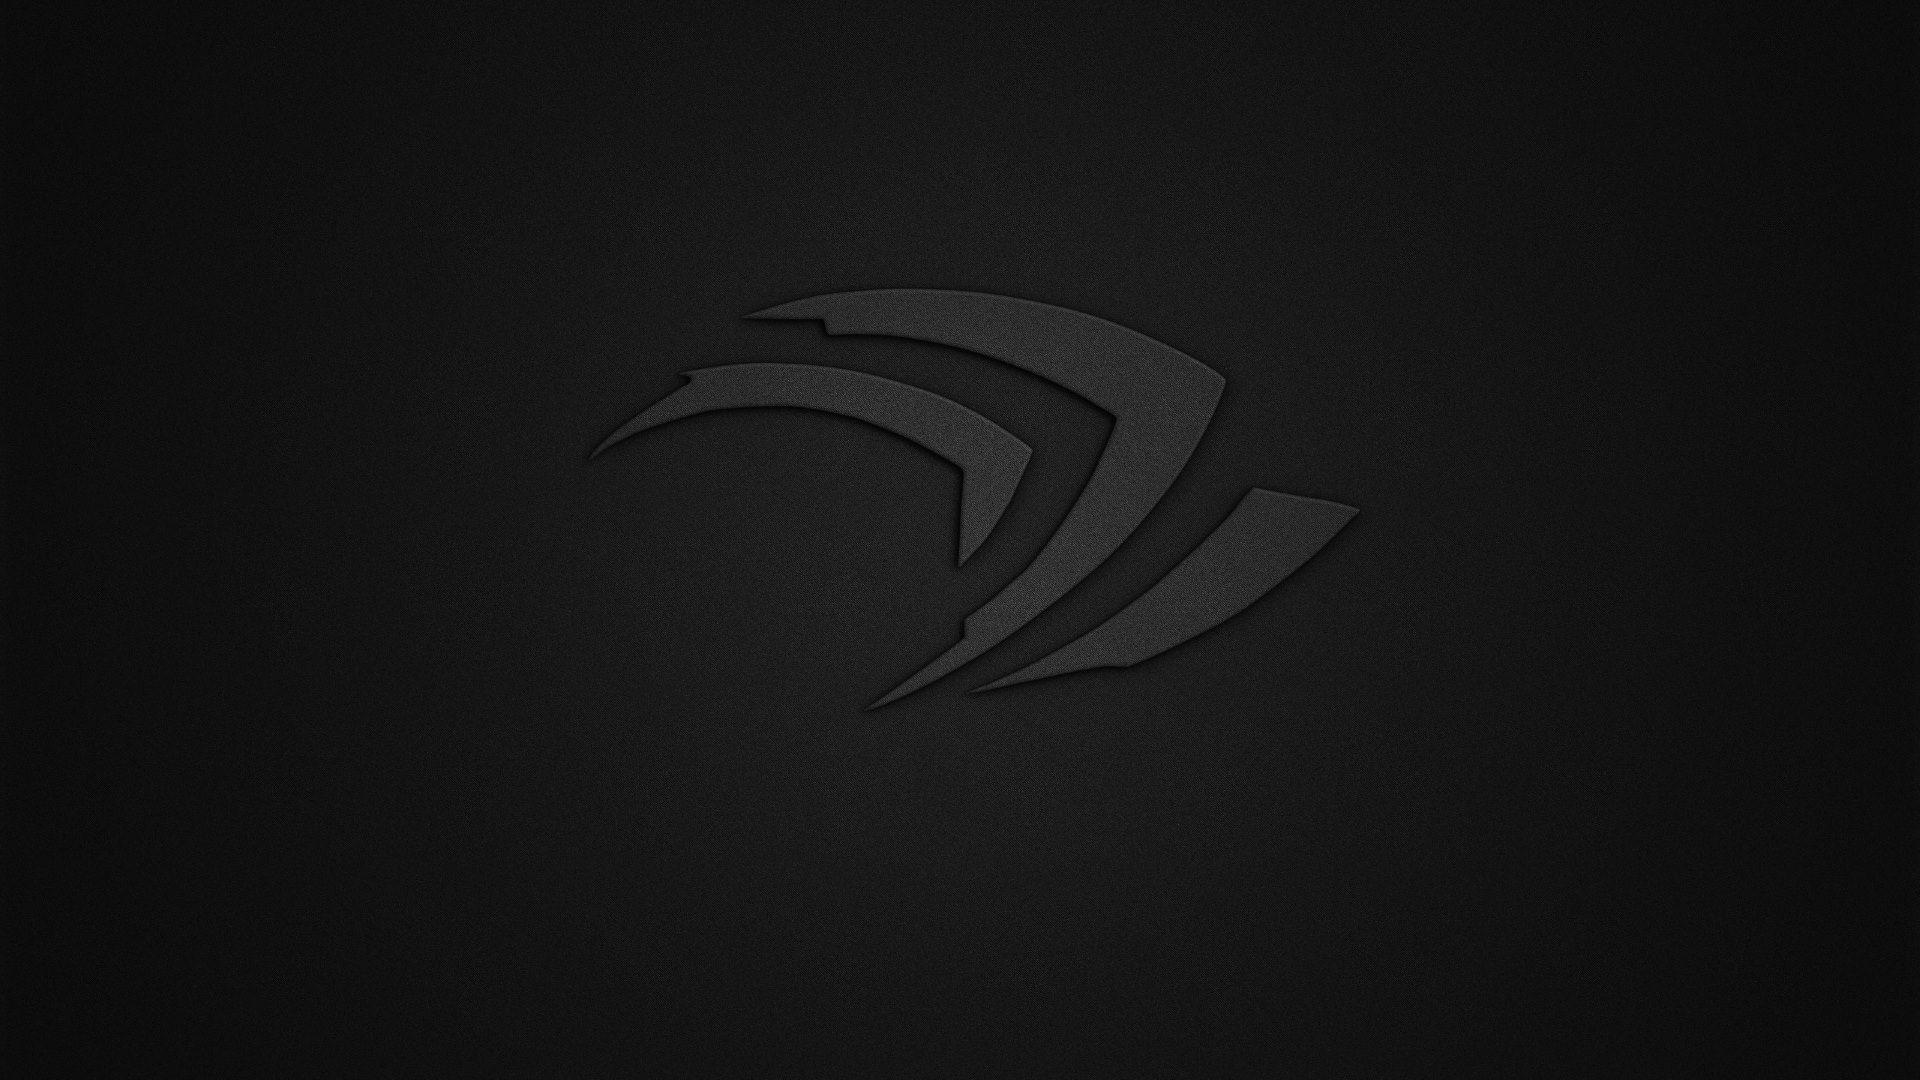 Nvidia Wallpaper HD